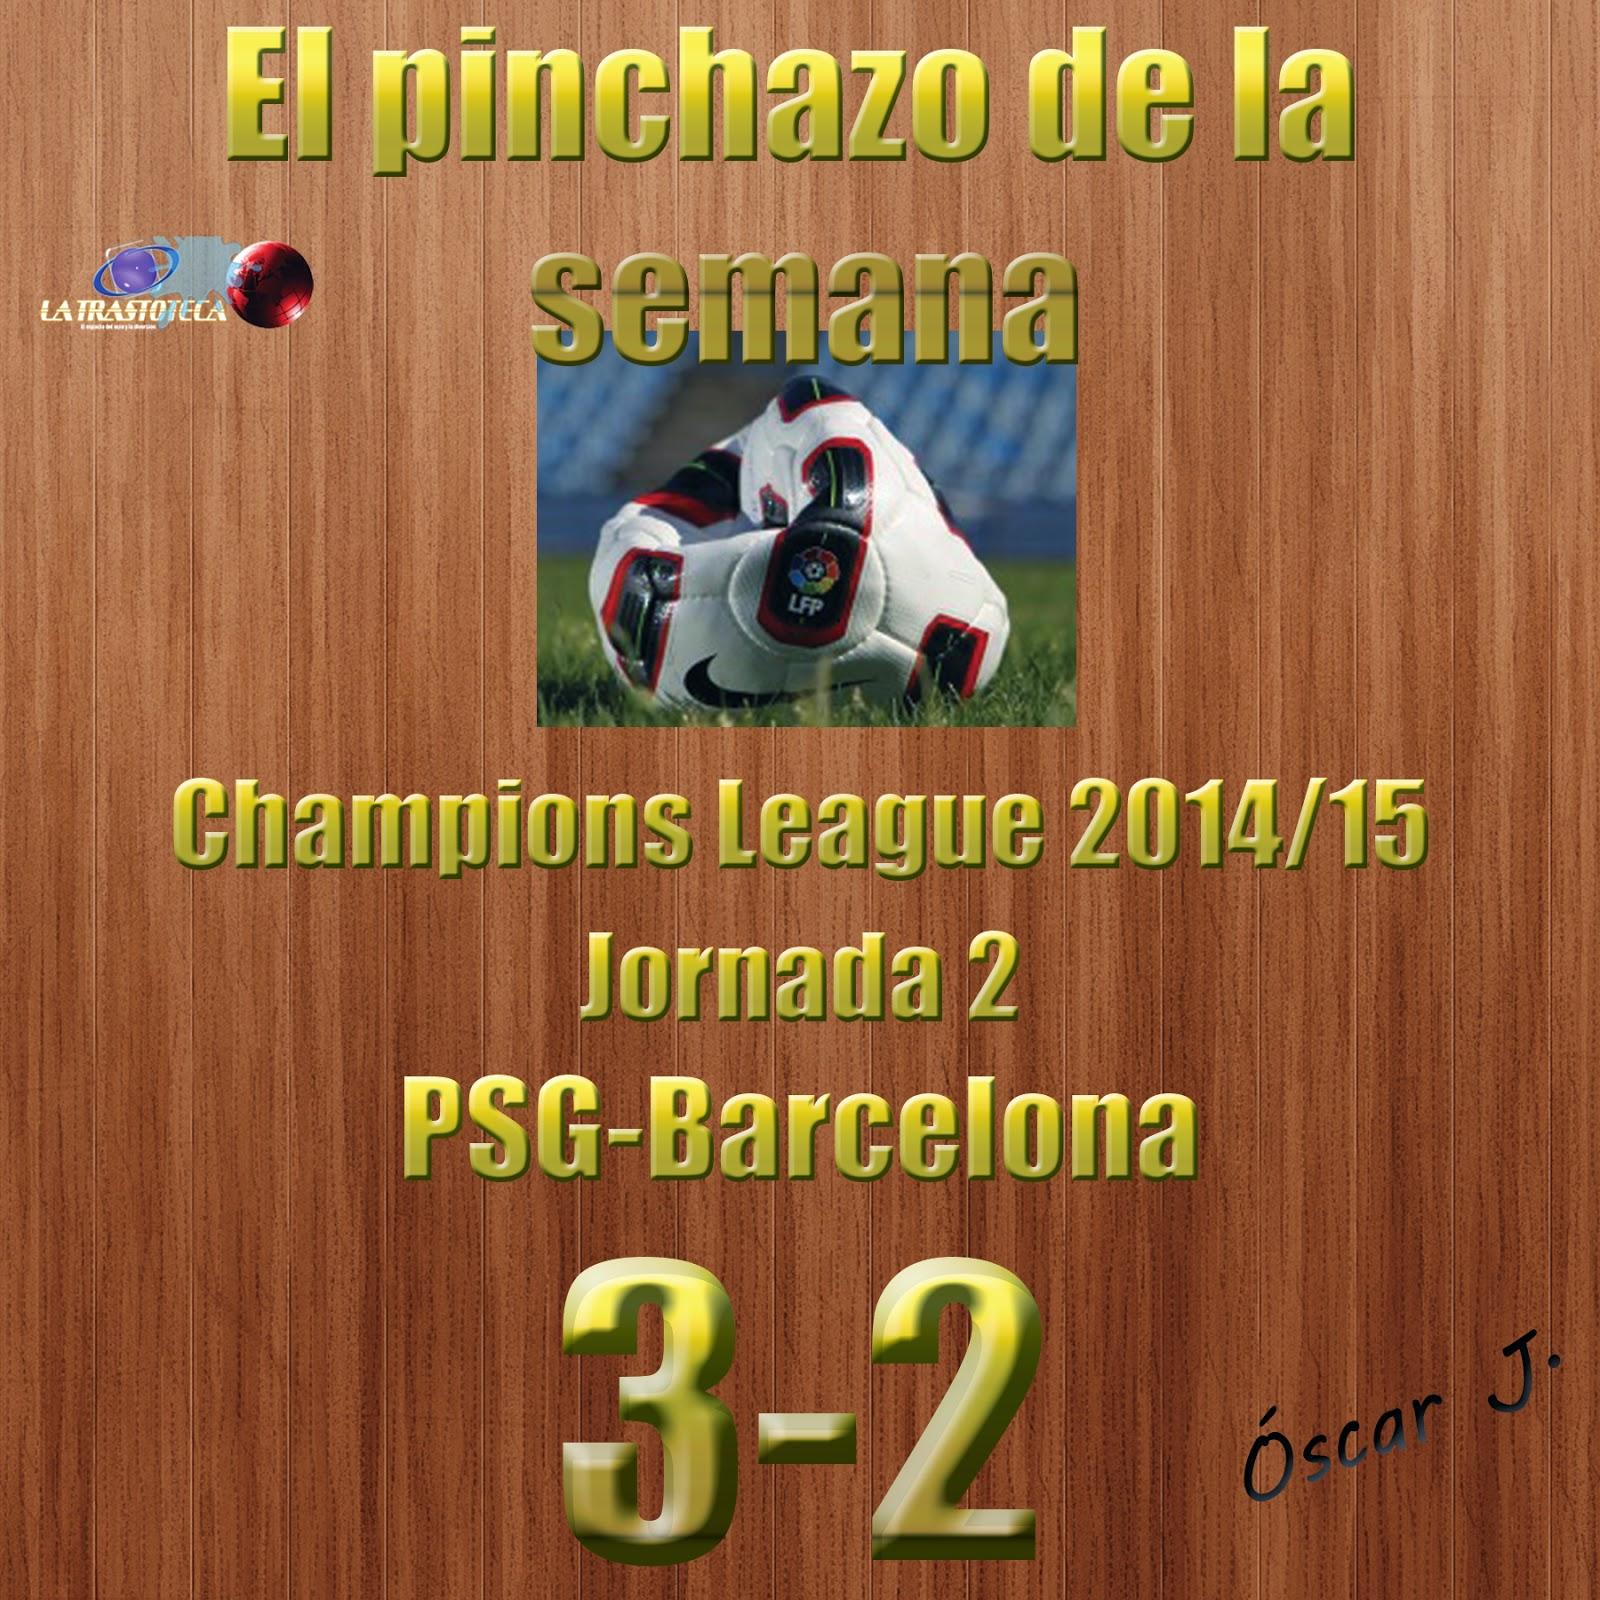 Verratti Desatasca A Un Psg Muy Directo: PSG 3-2 Barcelona. Champions League